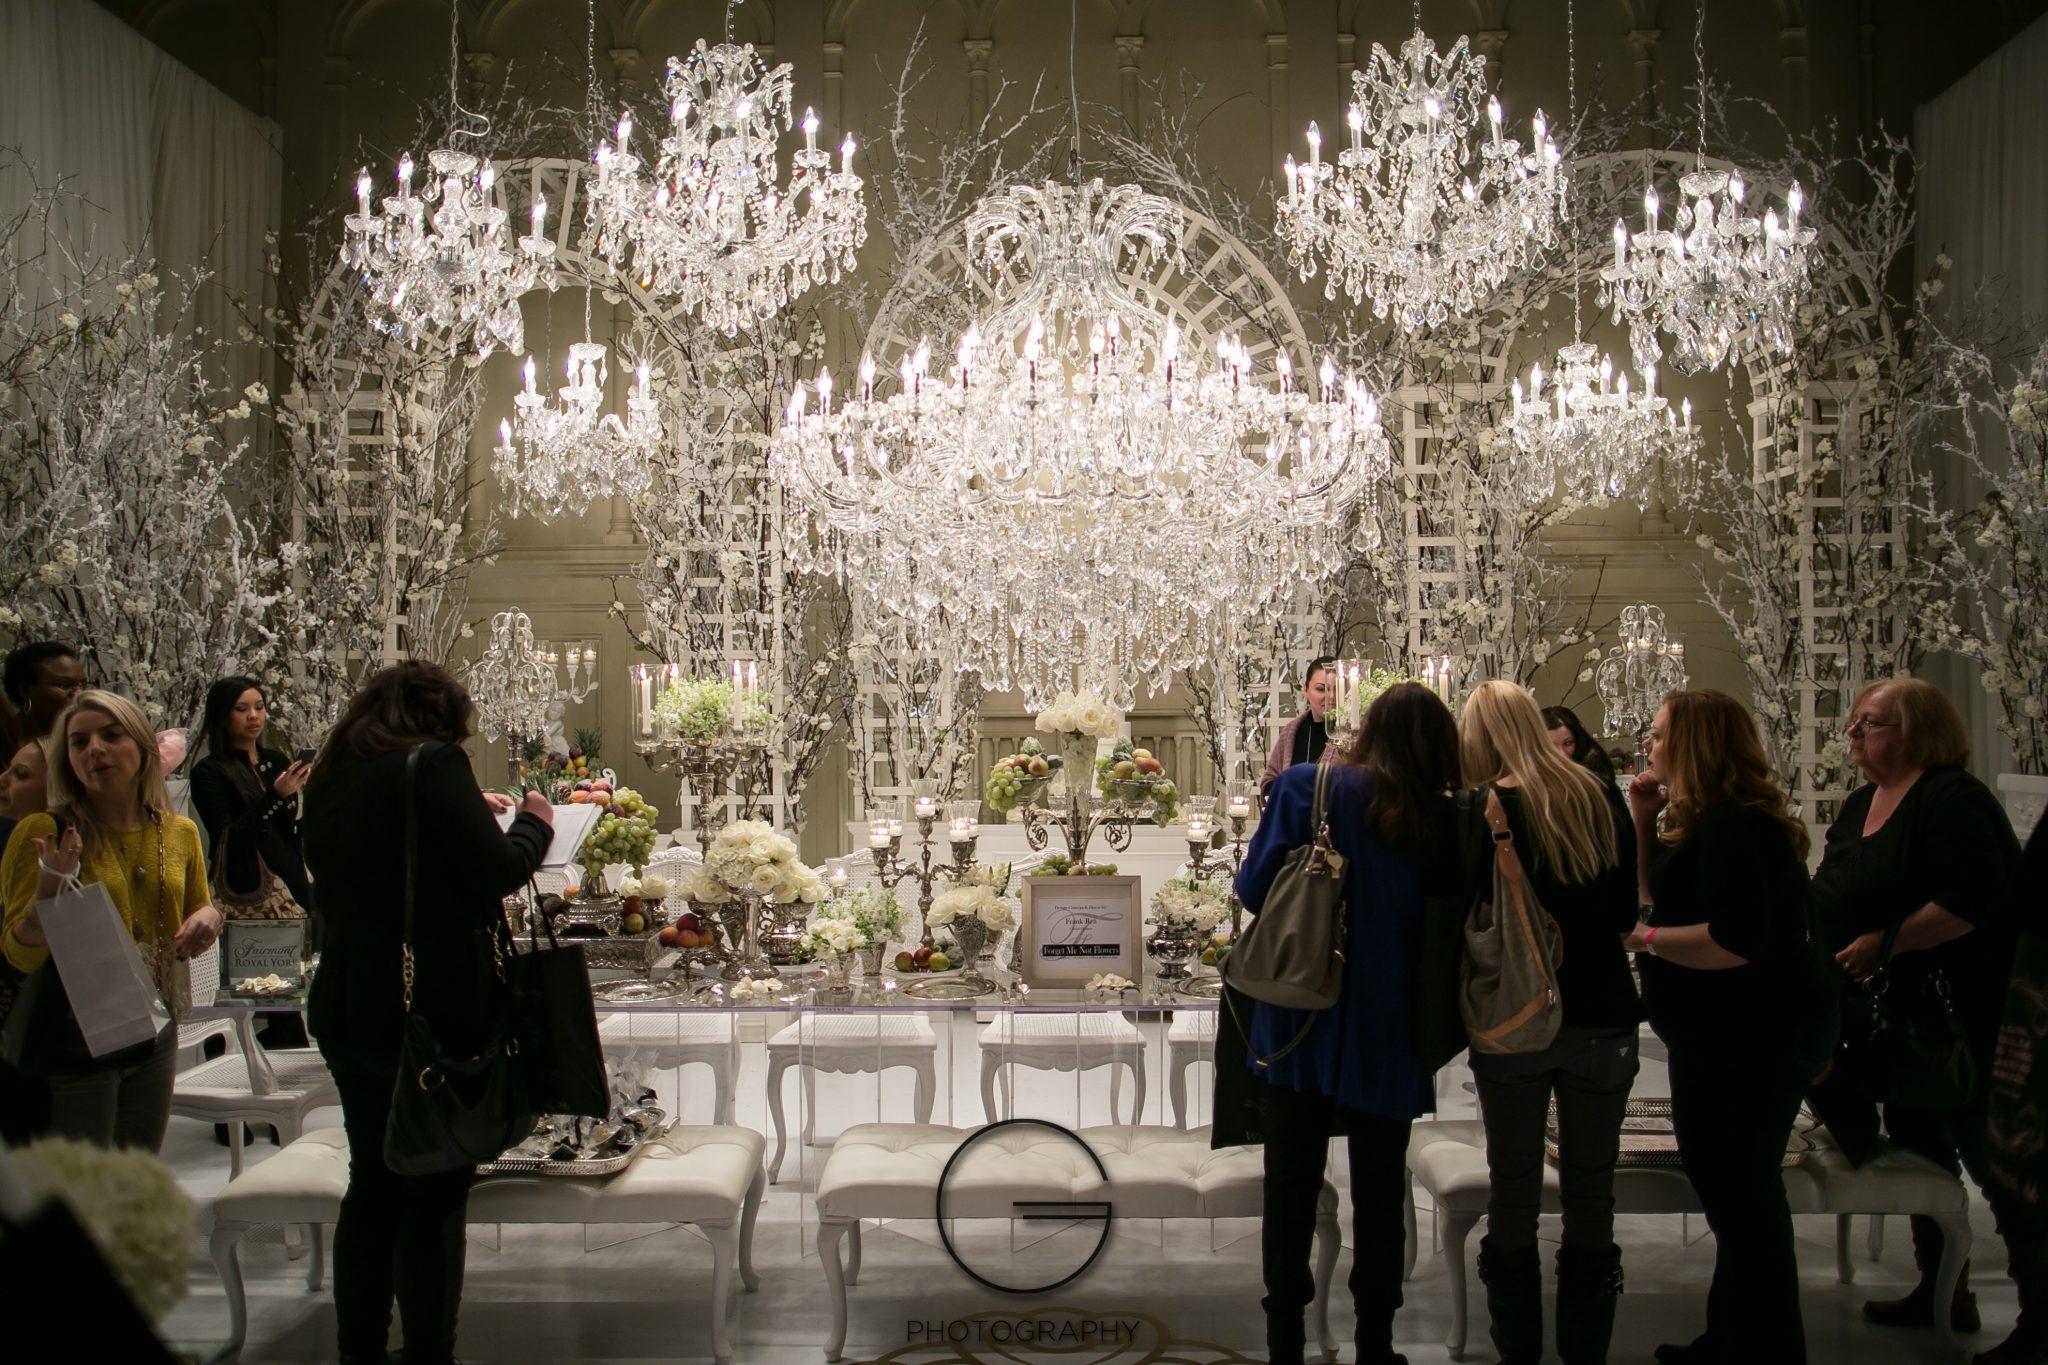 Tendenze arredo 2017 i lampadari chandelier ideagroup blog for Tendenze arredamento 2017